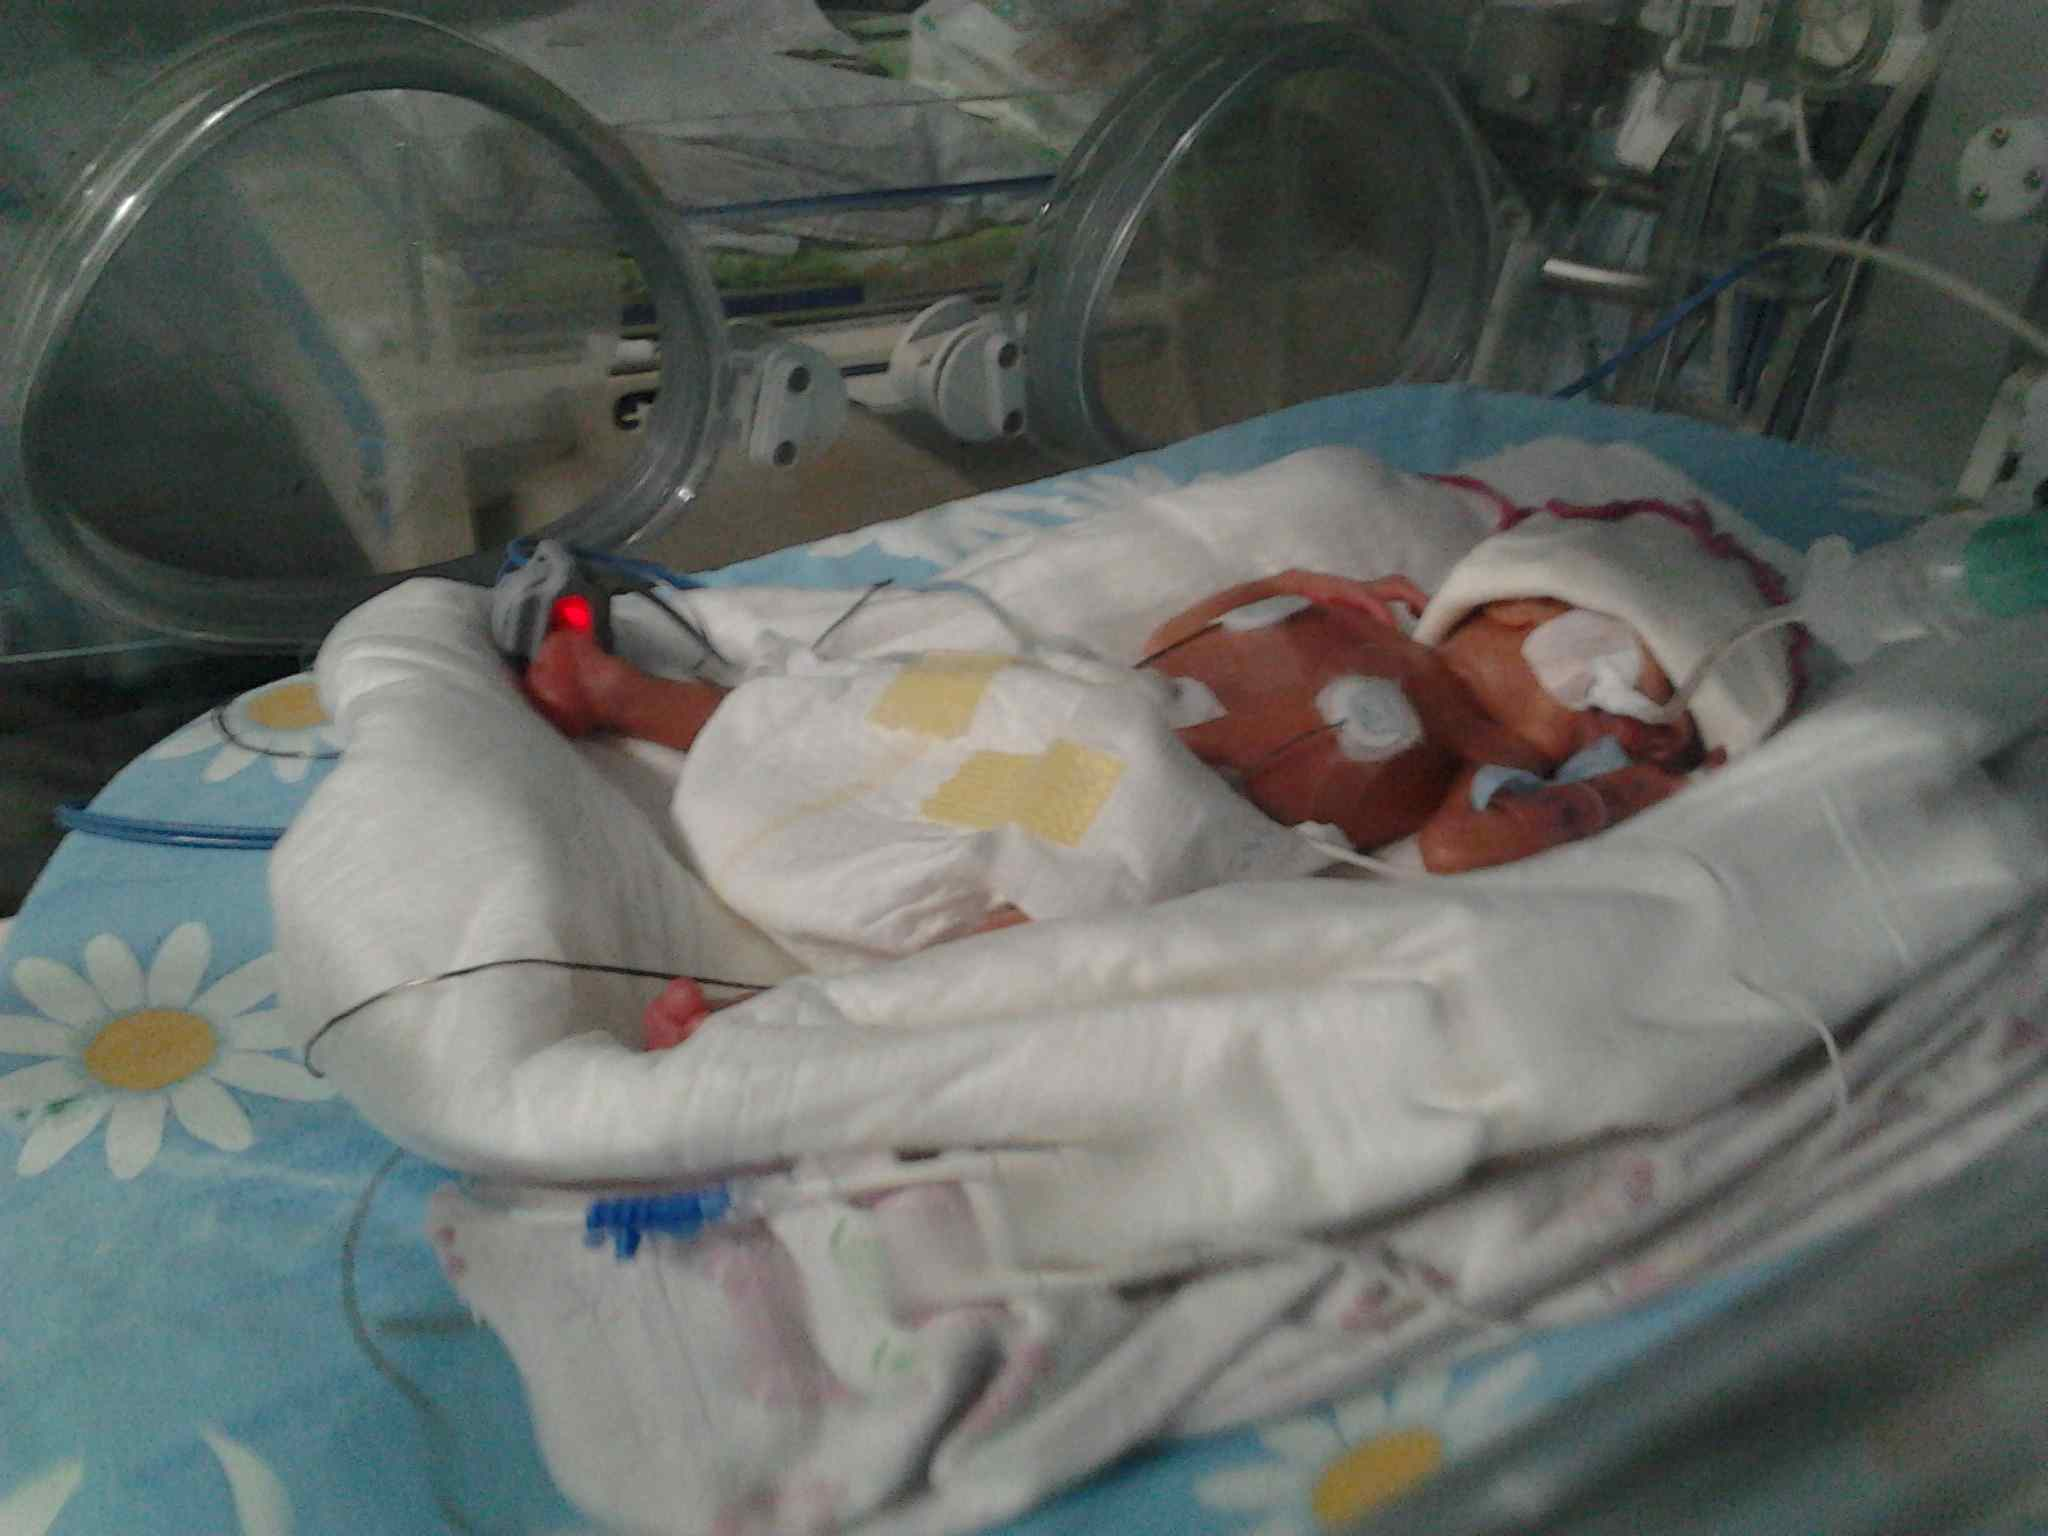 Недоношенный ребенок 26 недель фото